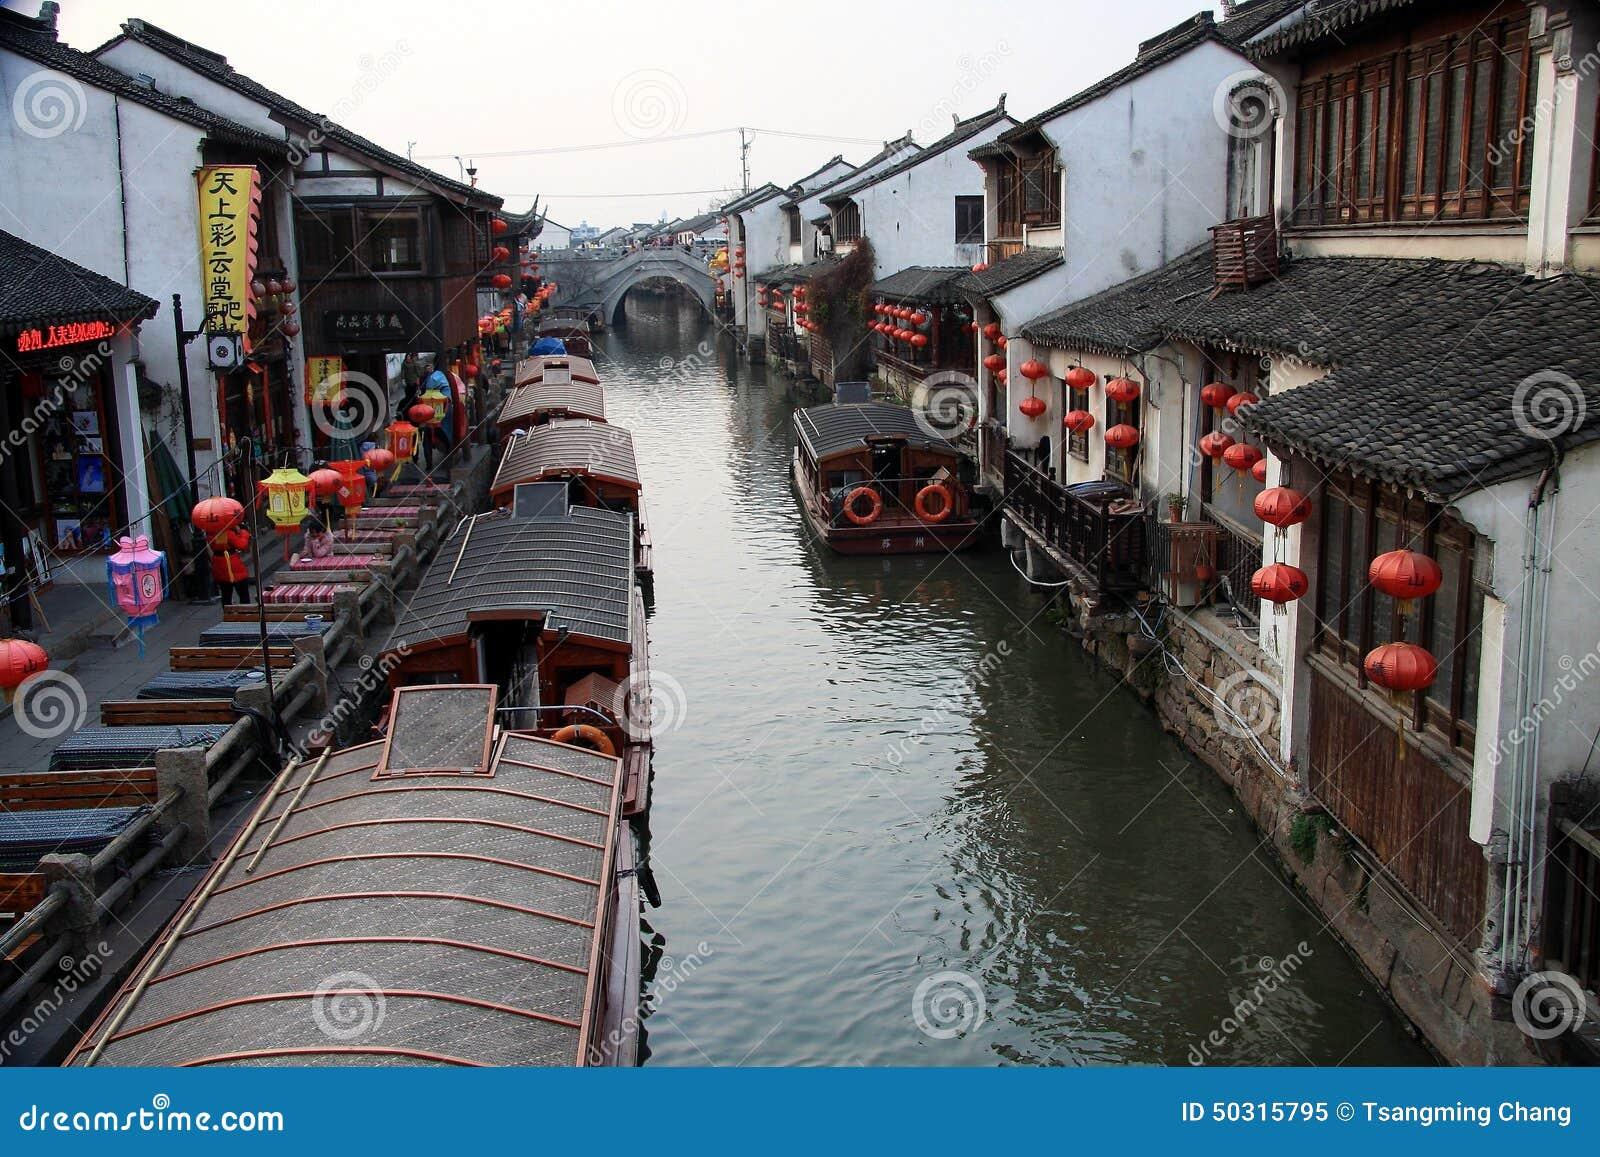 Shantang Street,Suzhou,Jiangsu ,China